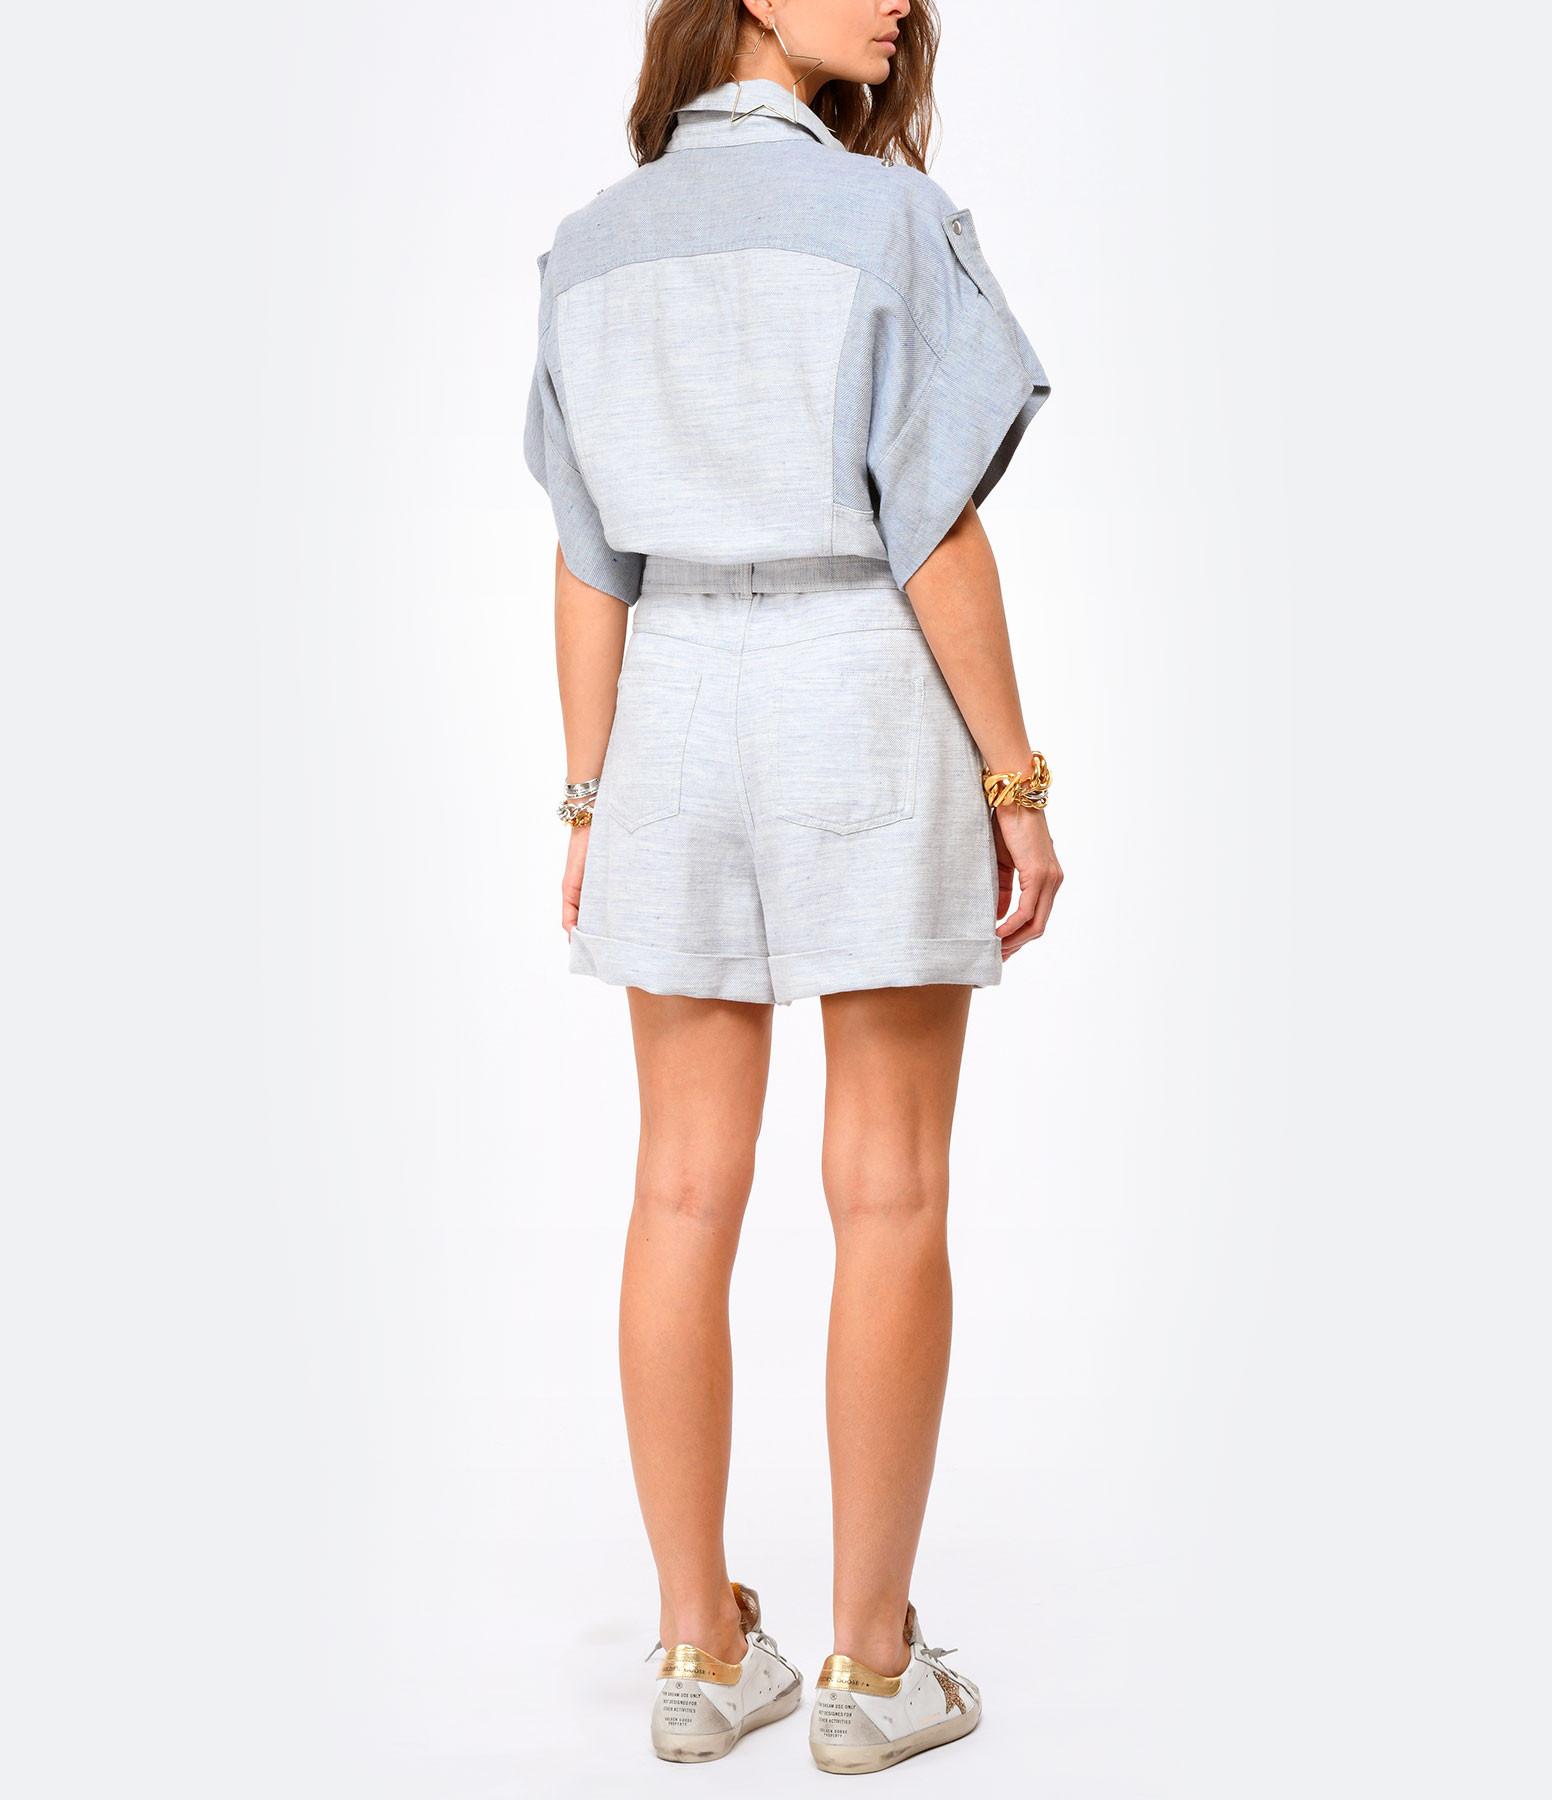 IRO - Combinaison Landemon Lin Coton Bleu